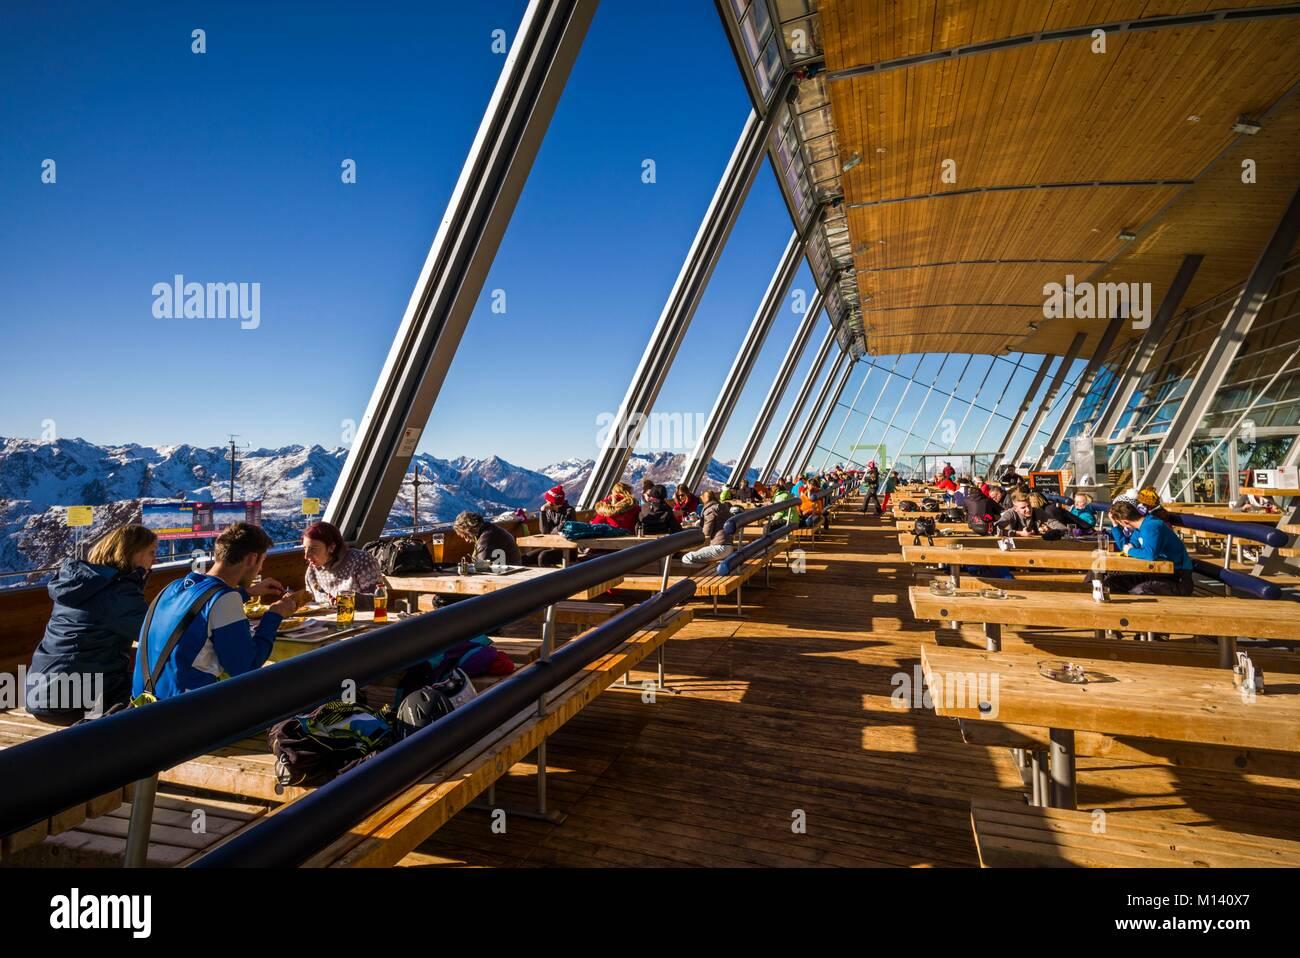 Autriche, Tyrol, Axamer Lizum, village d'accueil des Jeux Olympiques d'hiver de 1964 et 1976, le Restaurant Photo Stock